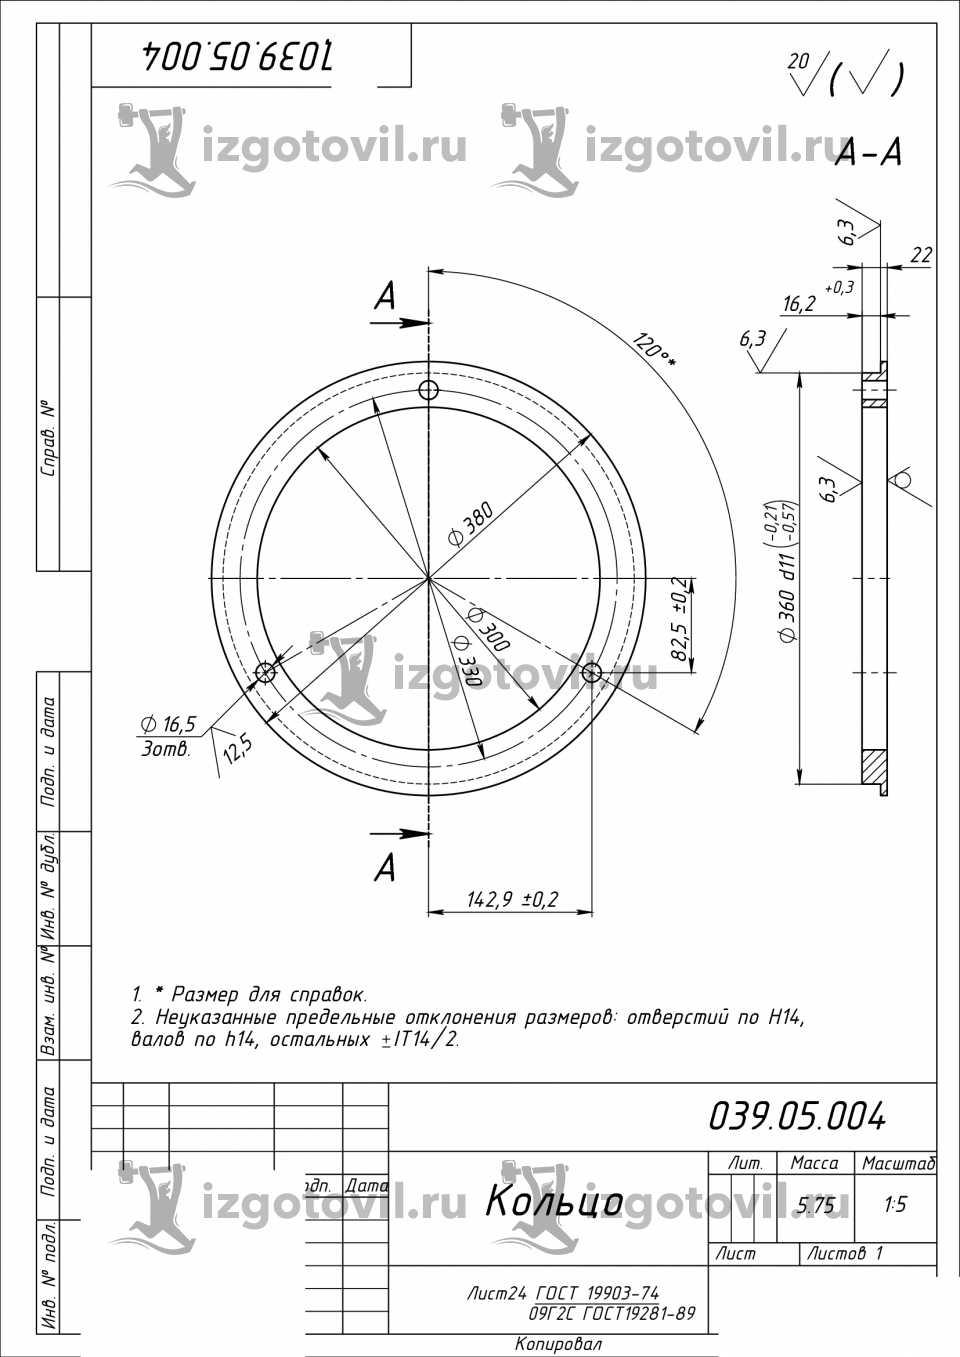 Токарная обработка деталей - изготовить втулки